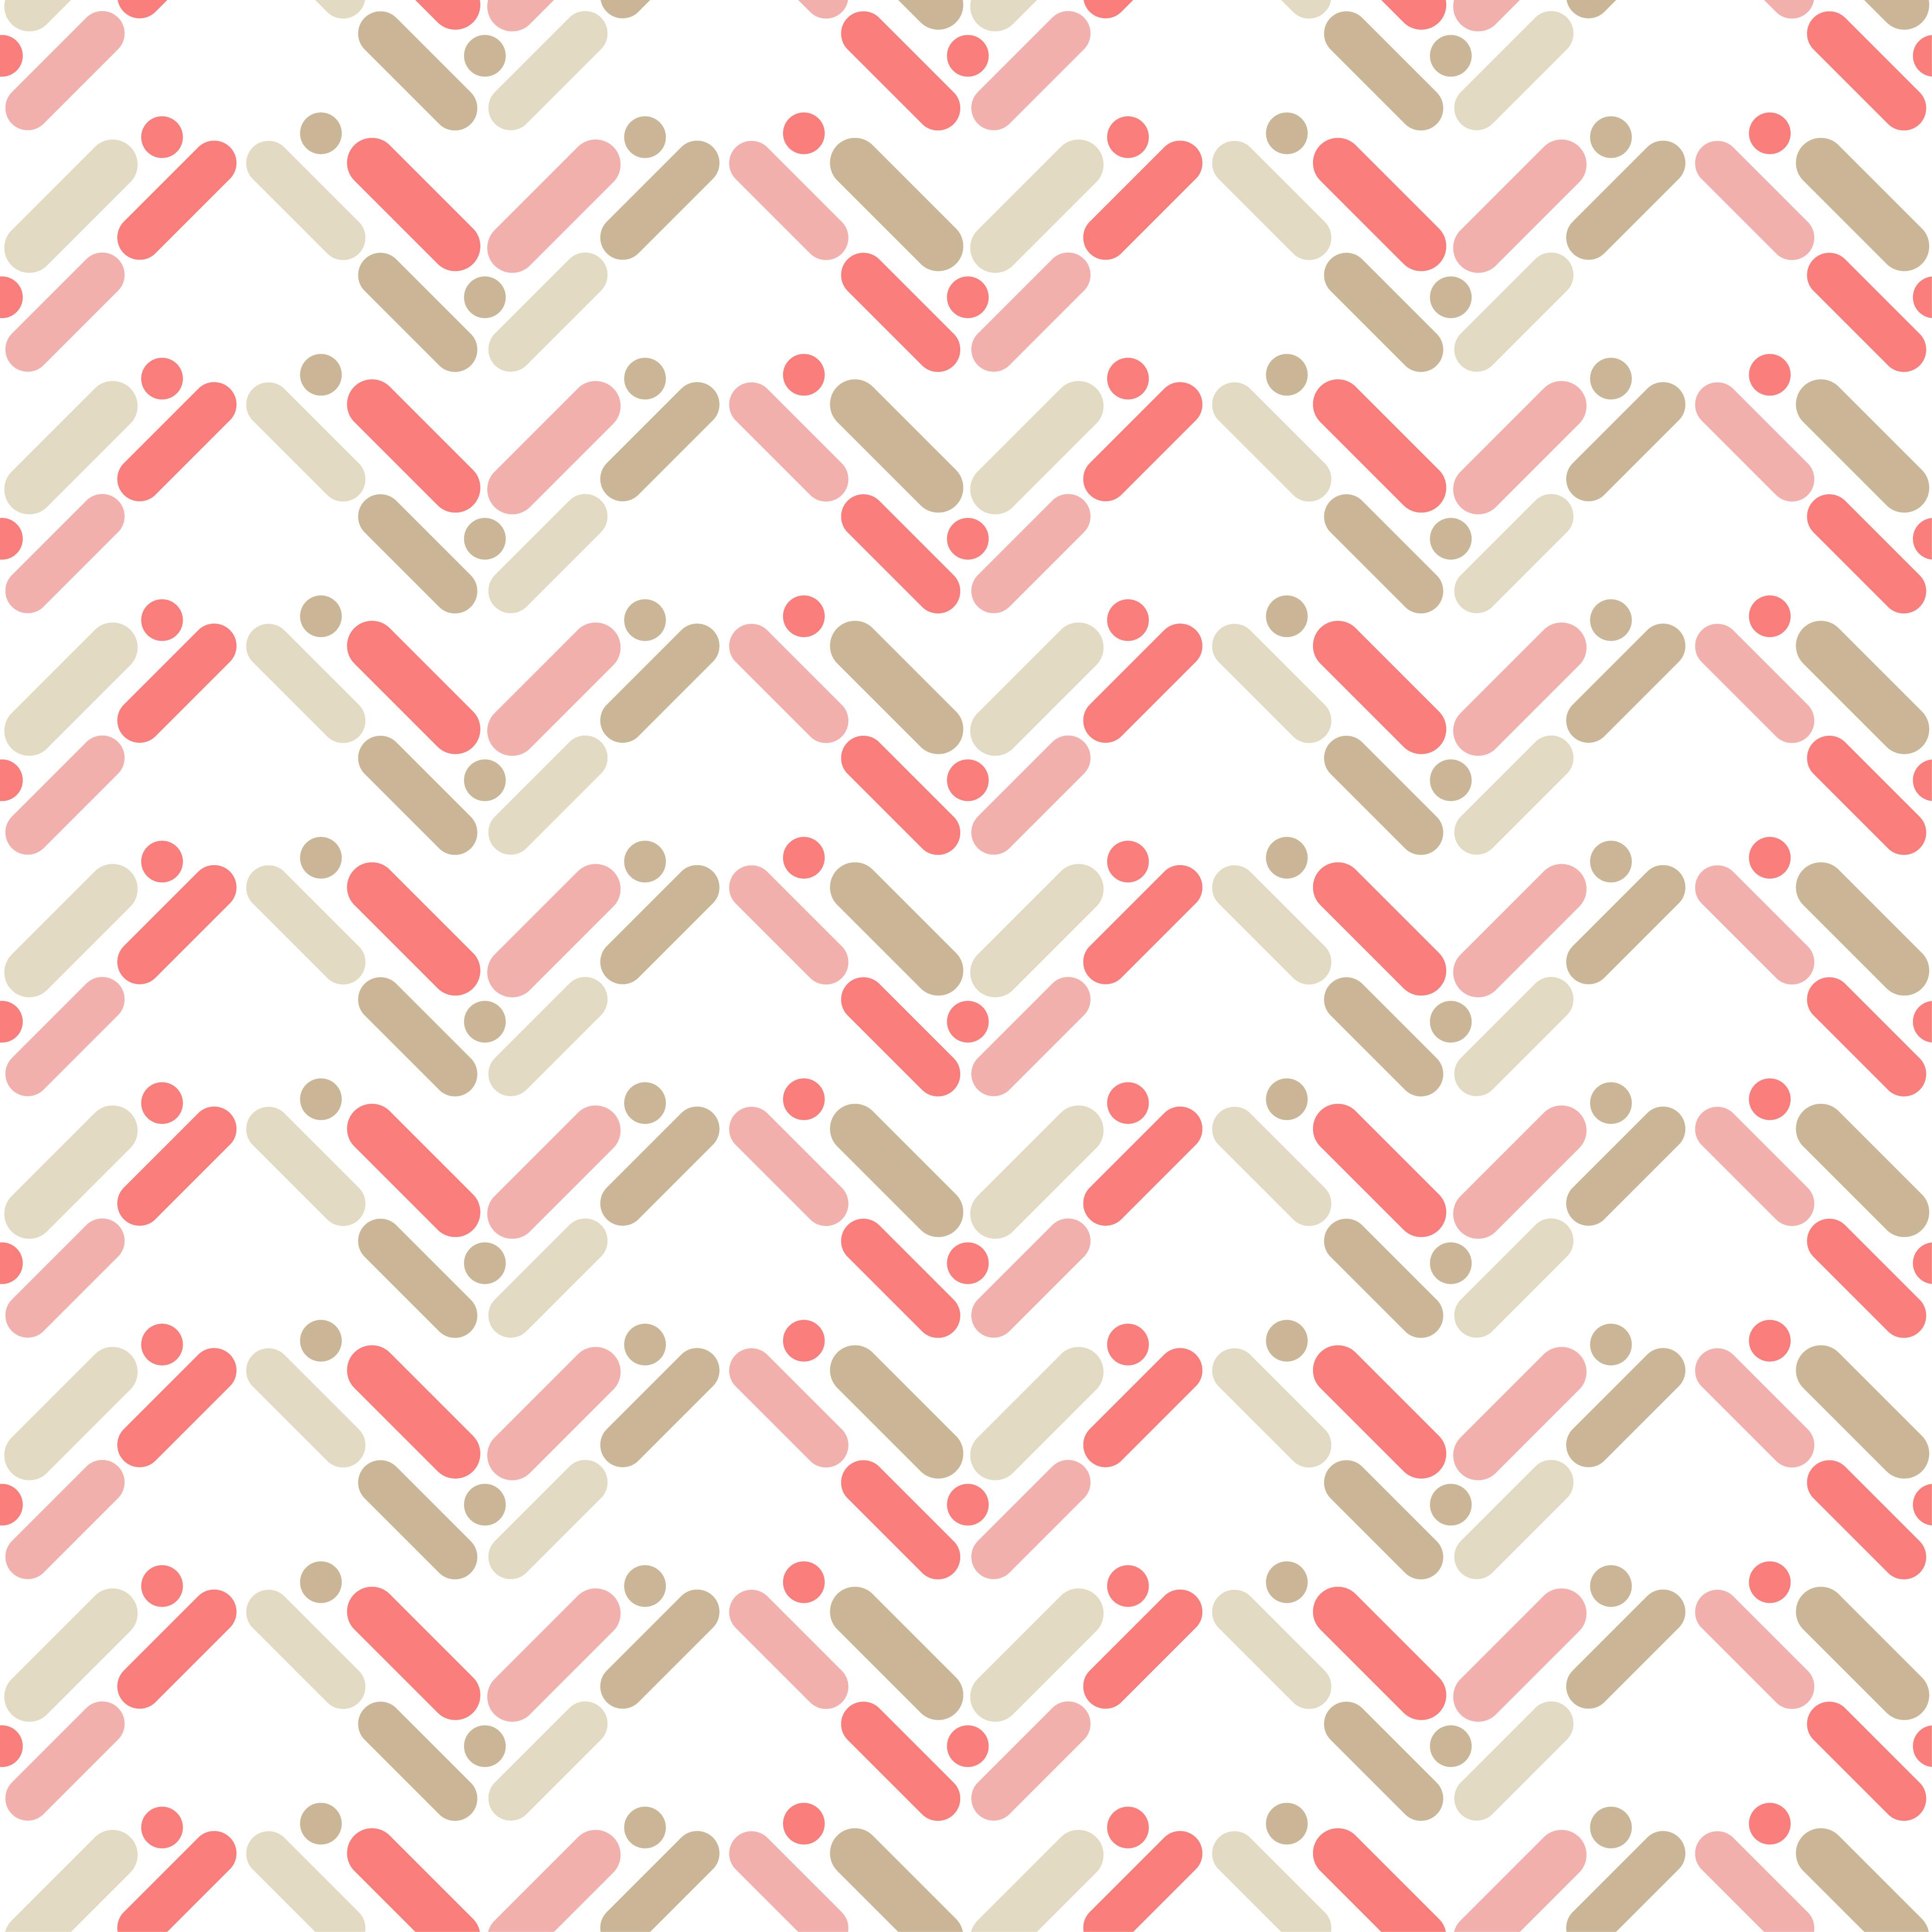 6 Ethnic boho seamless pattern.  example image 6